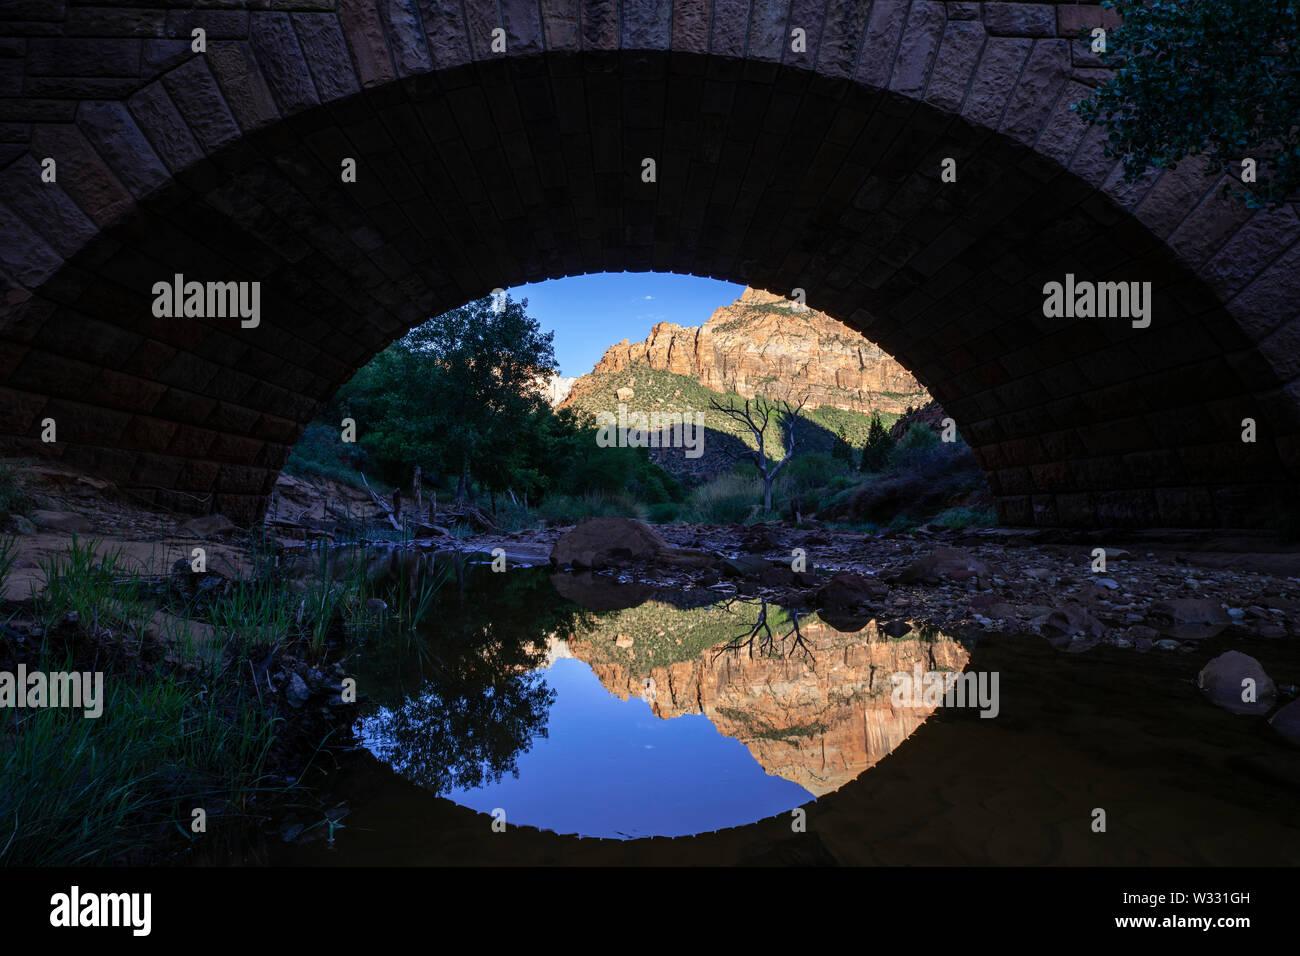 Réflexions sous le pont de la rivière vierge dans Zion National Park, Utah, United States of America Banque D'Images